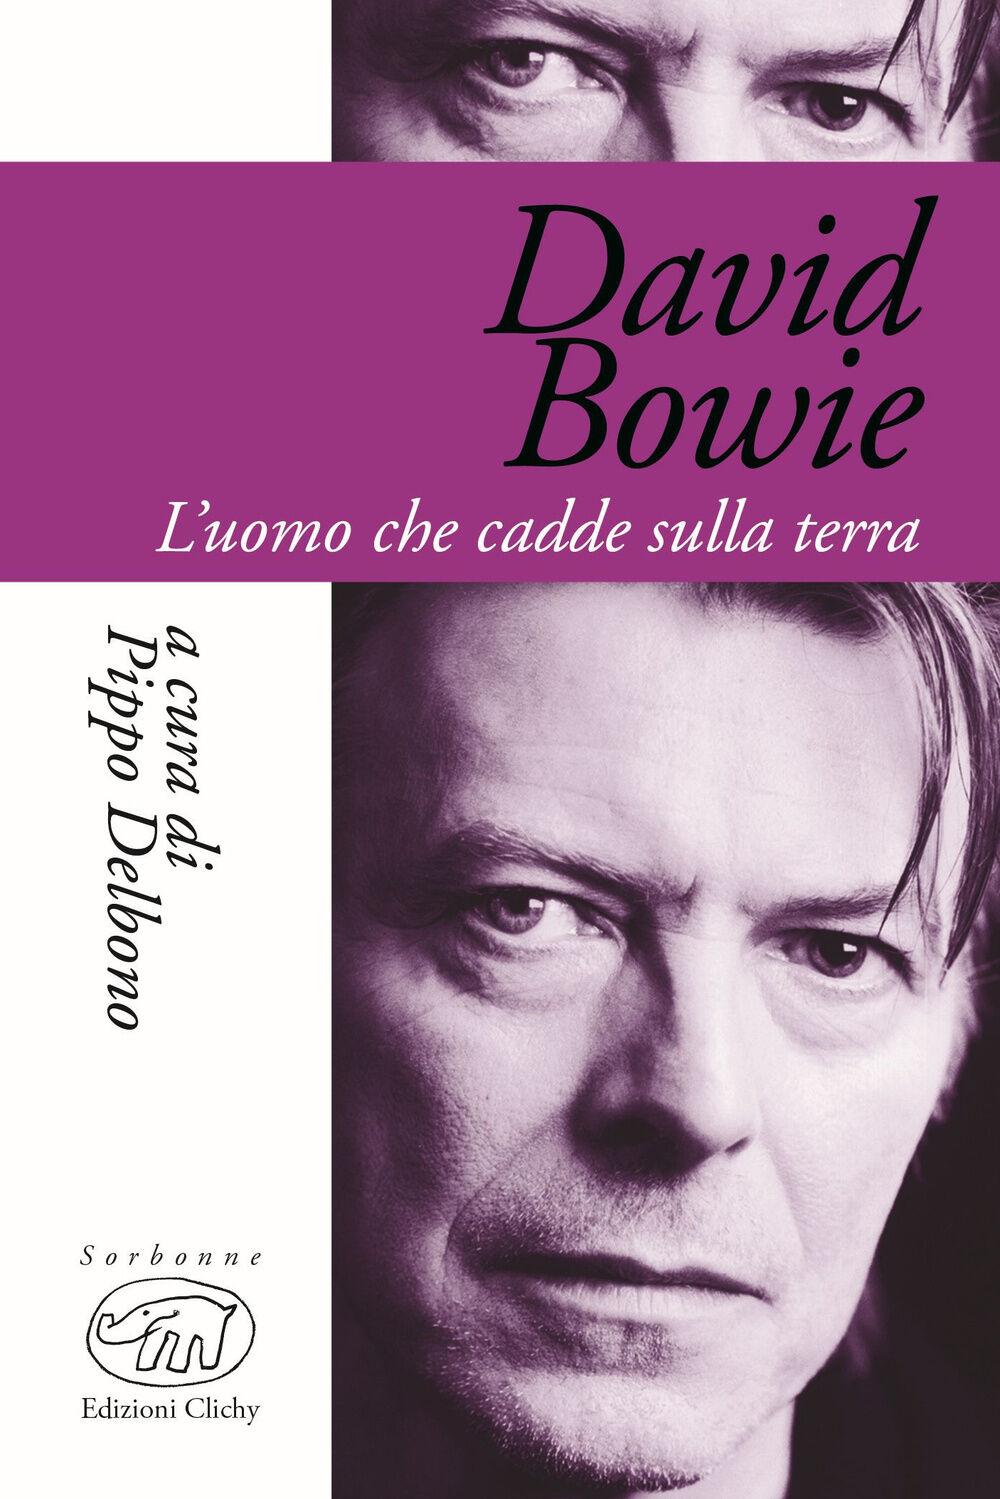 David Bowie. L'uomo che cadde sulla terra